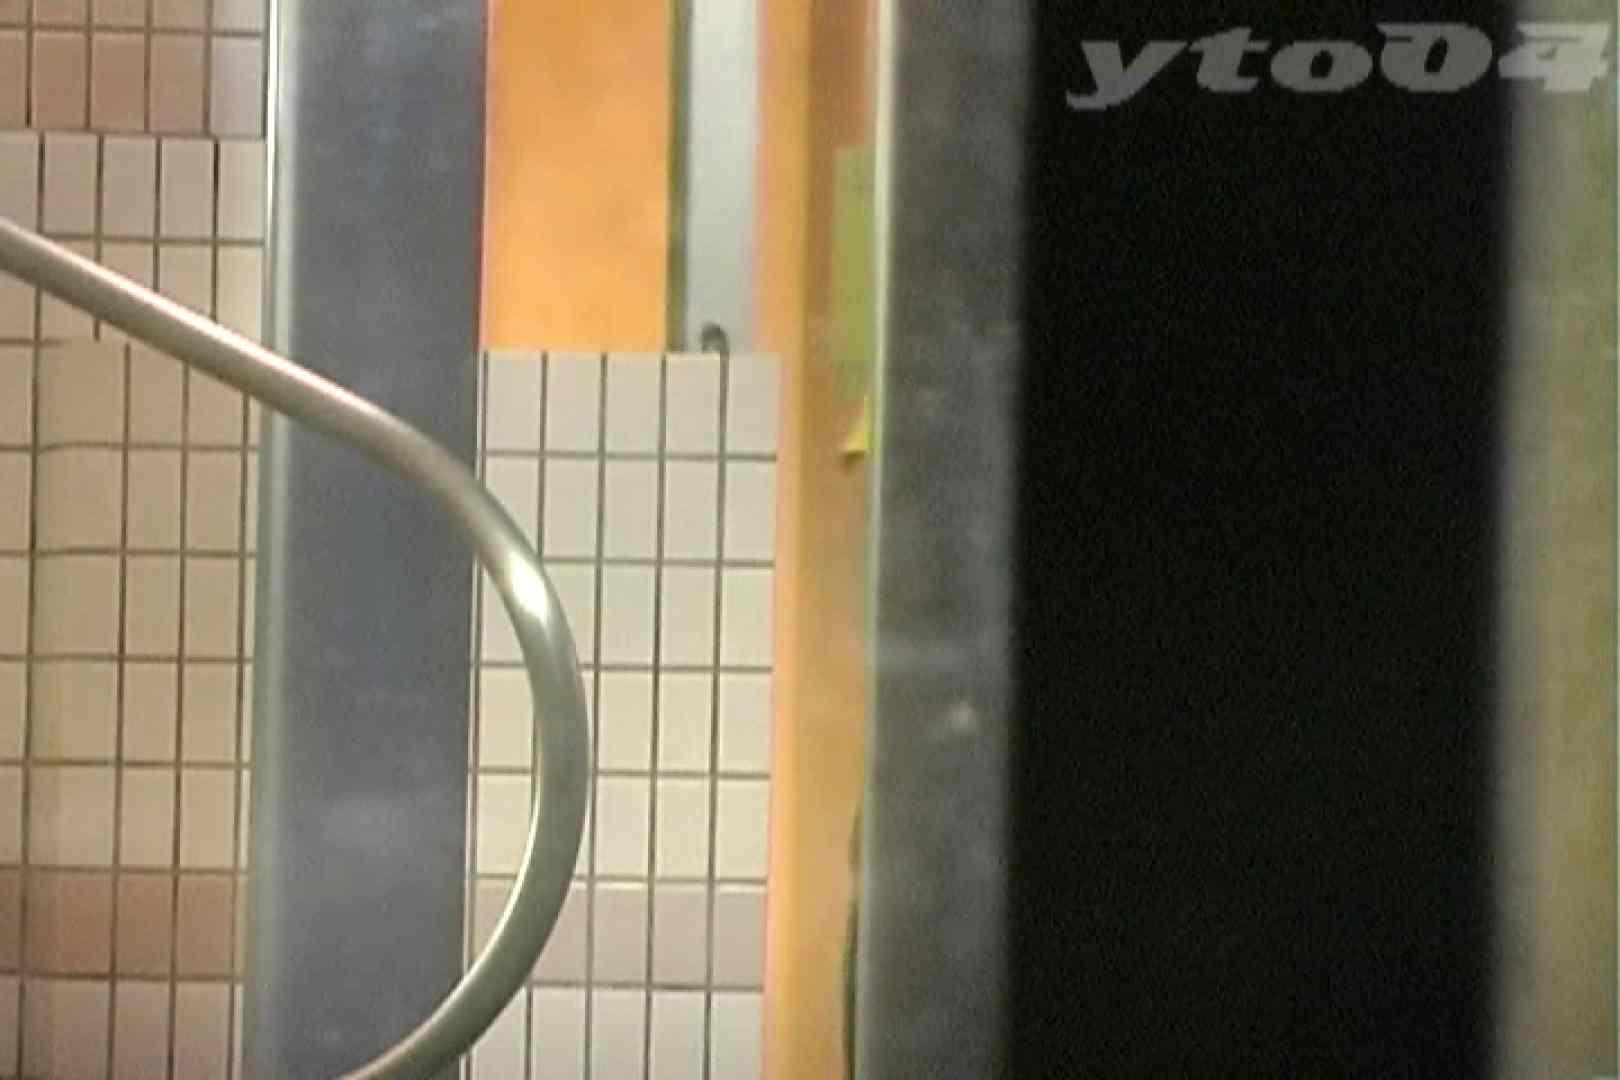 ▲復活限定▲合宿ホテル女風呂盗撮 Vol.24 OLのボディ | 盗撮名作  50PIX 31